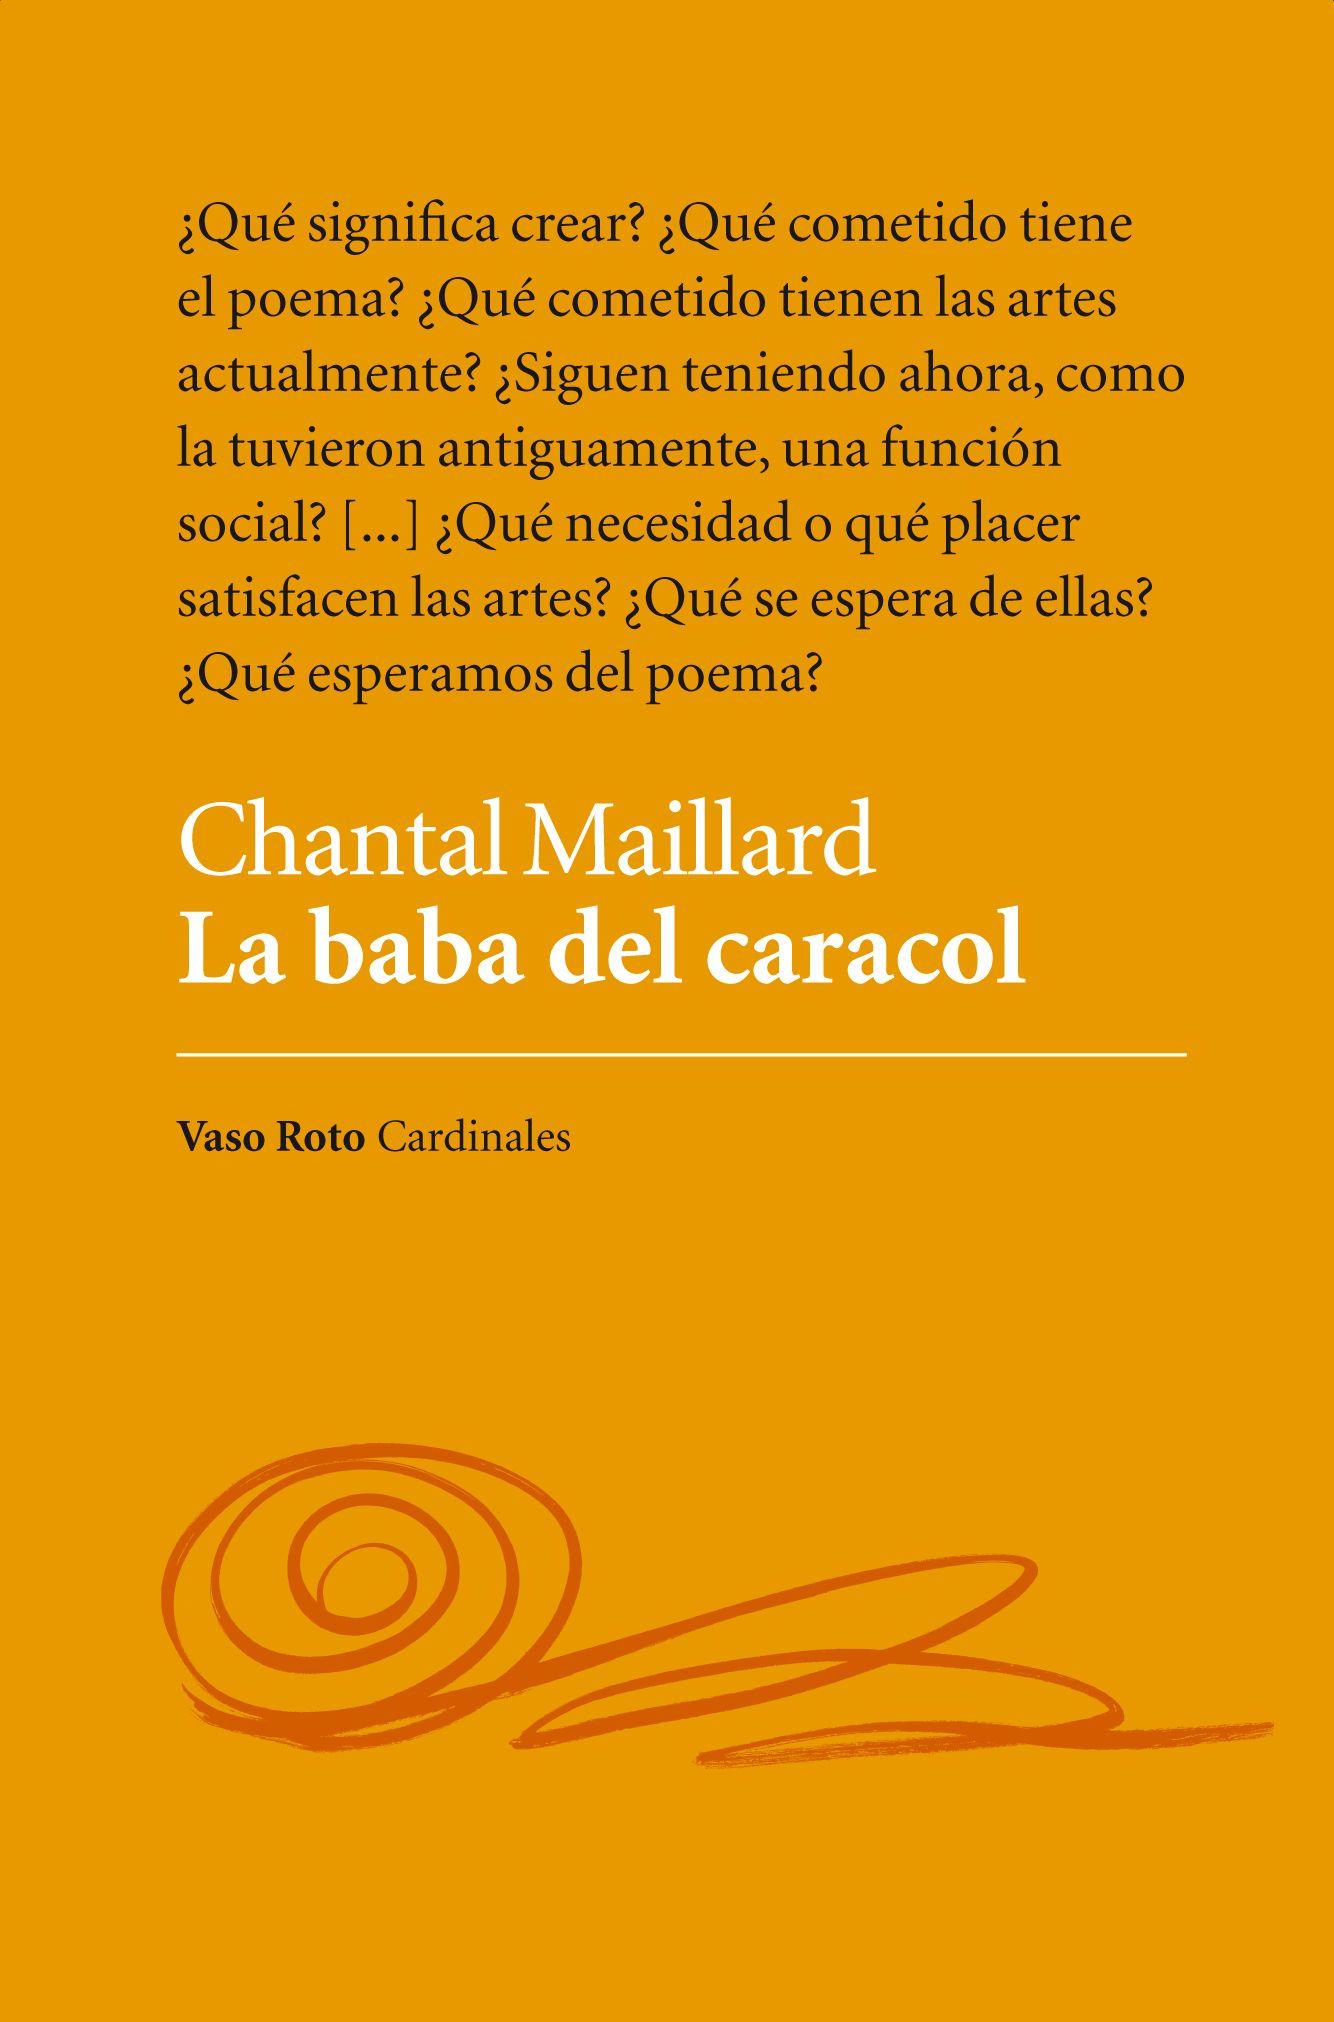 La baba del caracol, Chantal Maillard, Vaso Roto Cardinales